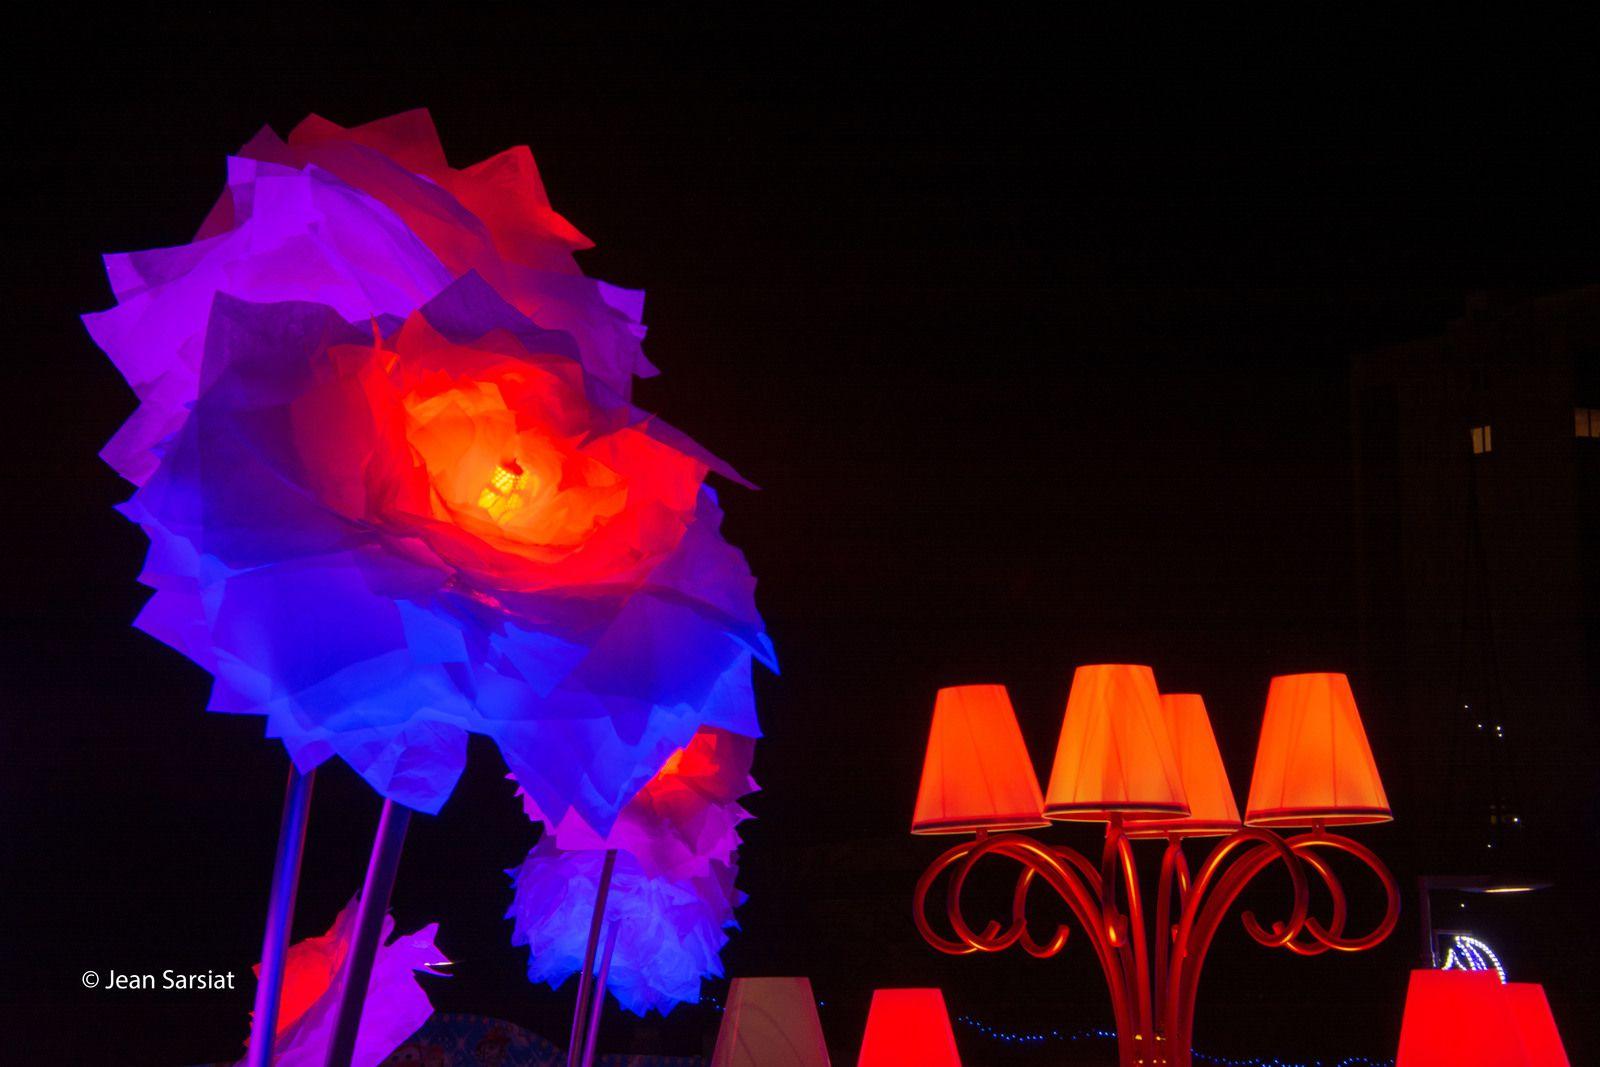 ILLUMINATIONS à MOURENX : L'éclosion de pivoines et de lanternes multicolores